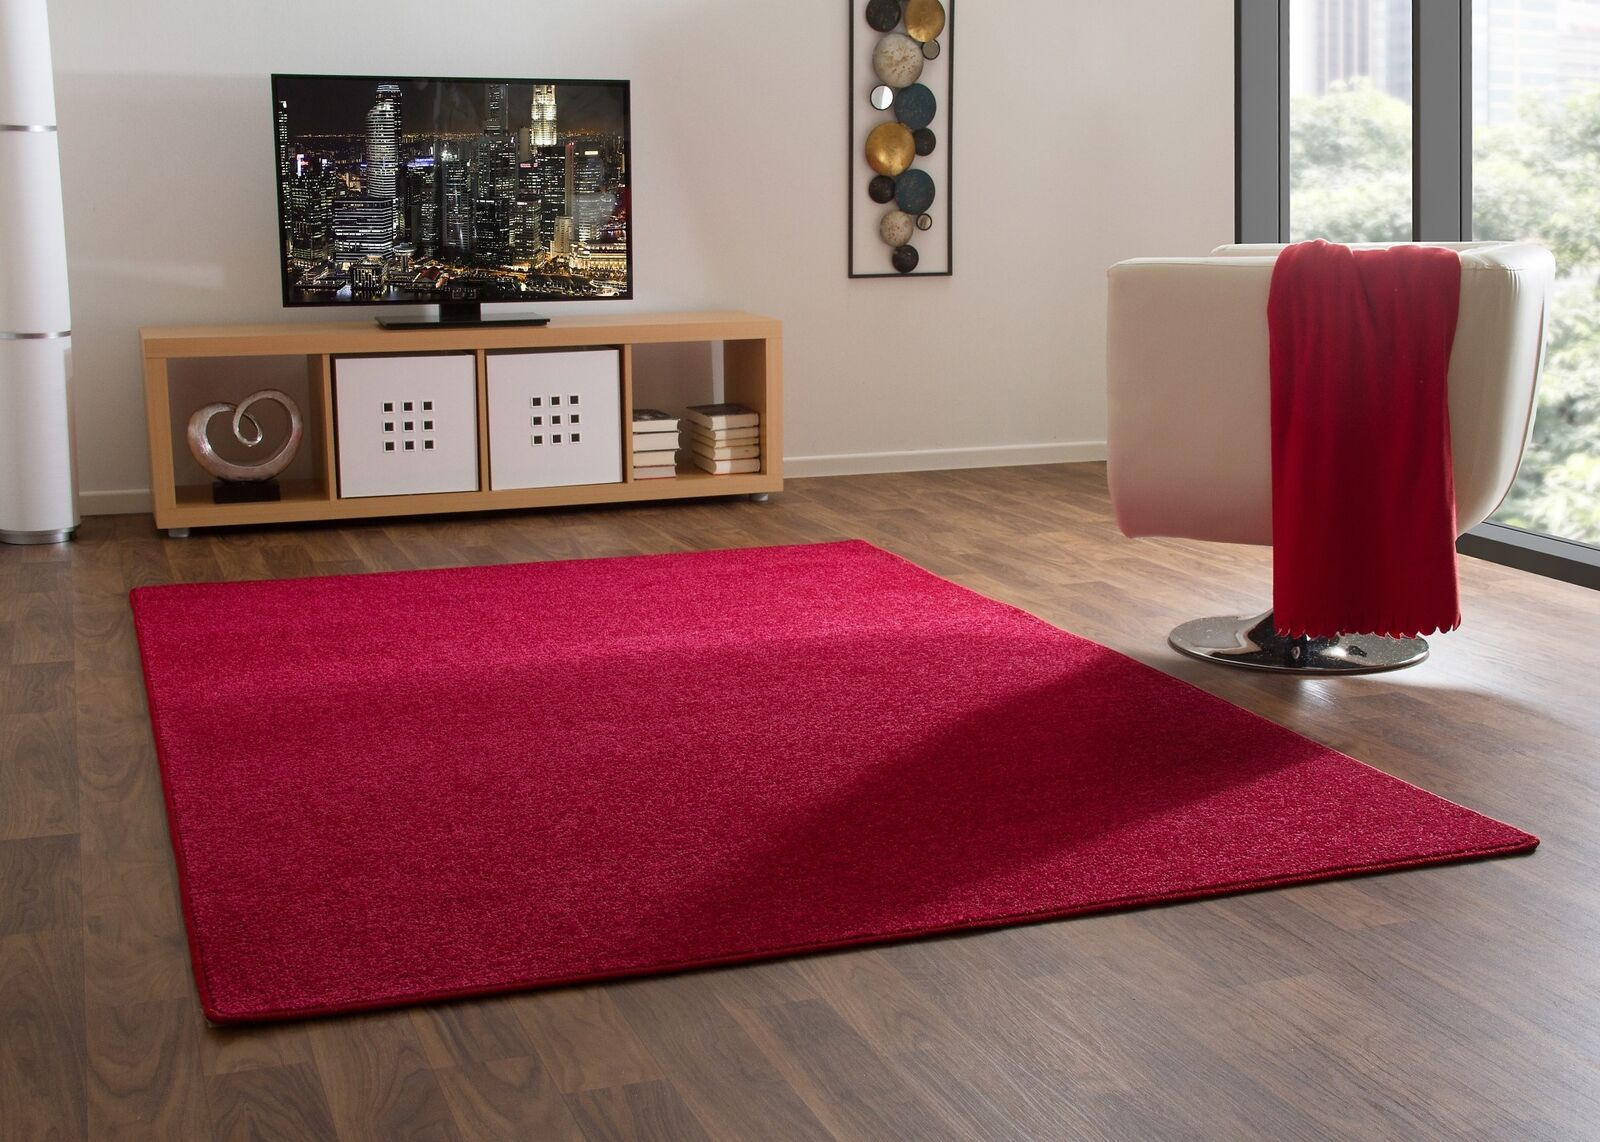 Designer Tappeto vivaci Modern Brighton-in 5 Coloreeei vivaci Tappeto bbd964